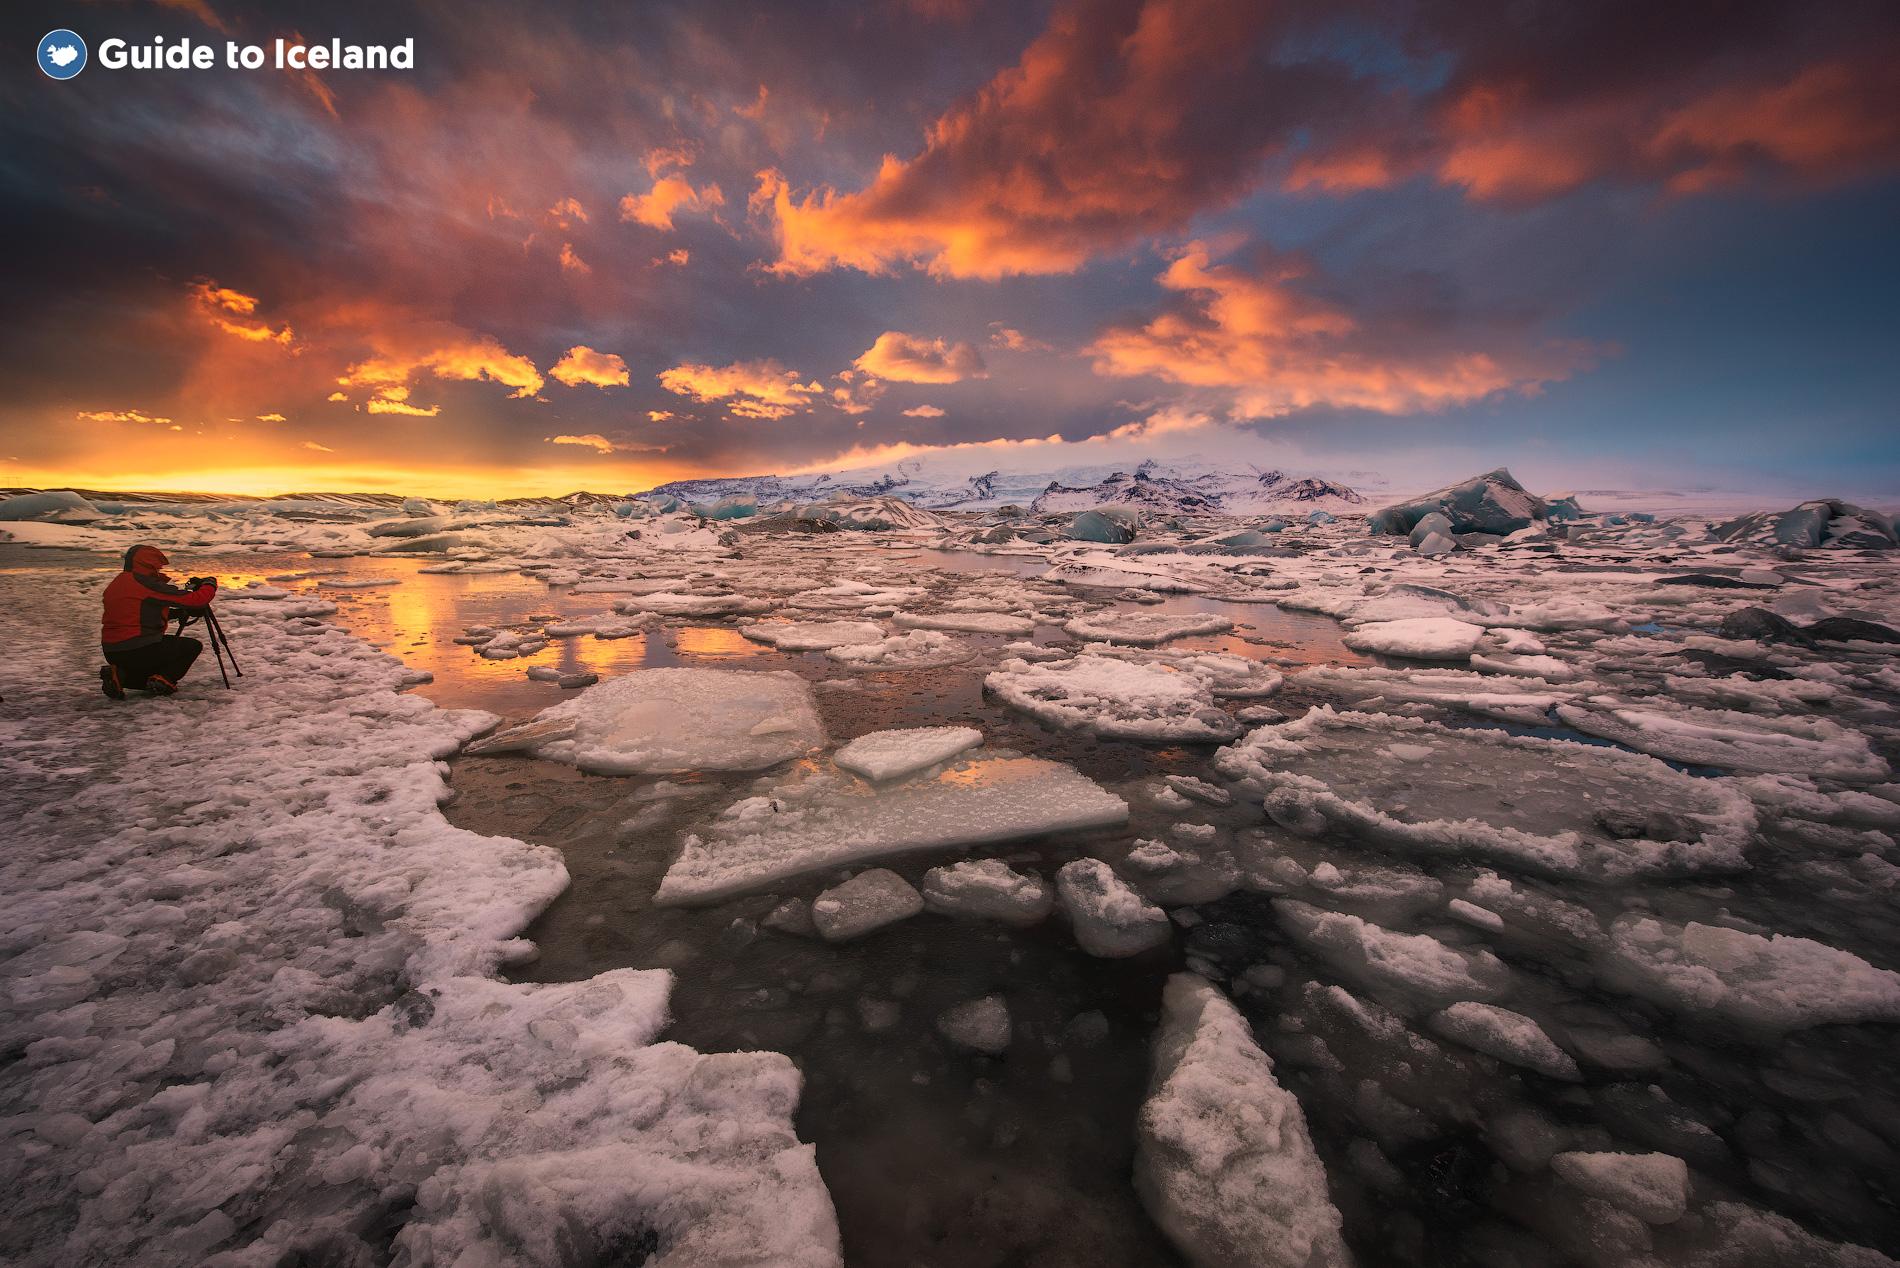 Kompletna 10-dniowa wycieczka z przewodnikiem po całej obwodnicy Islandii z Reykjaviku - day 4